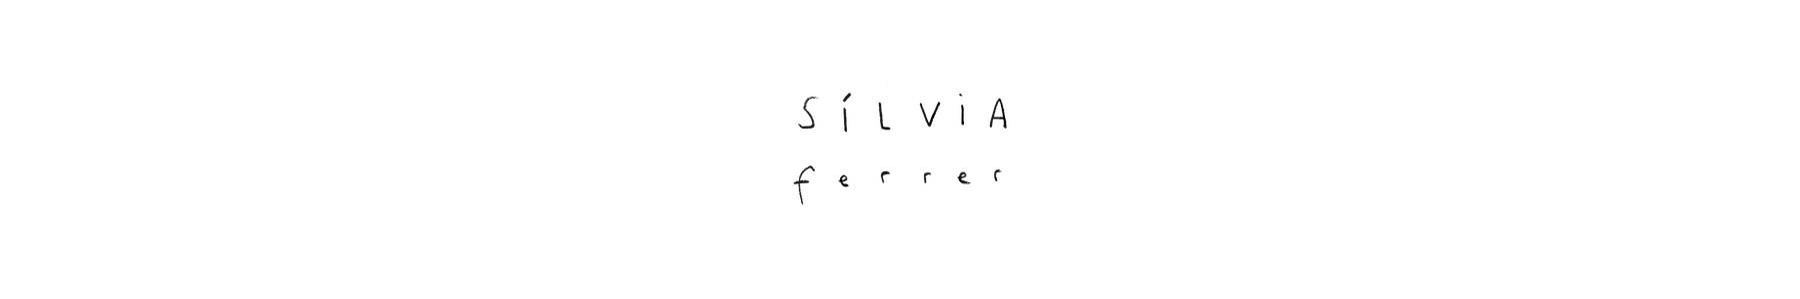 silviaferrer